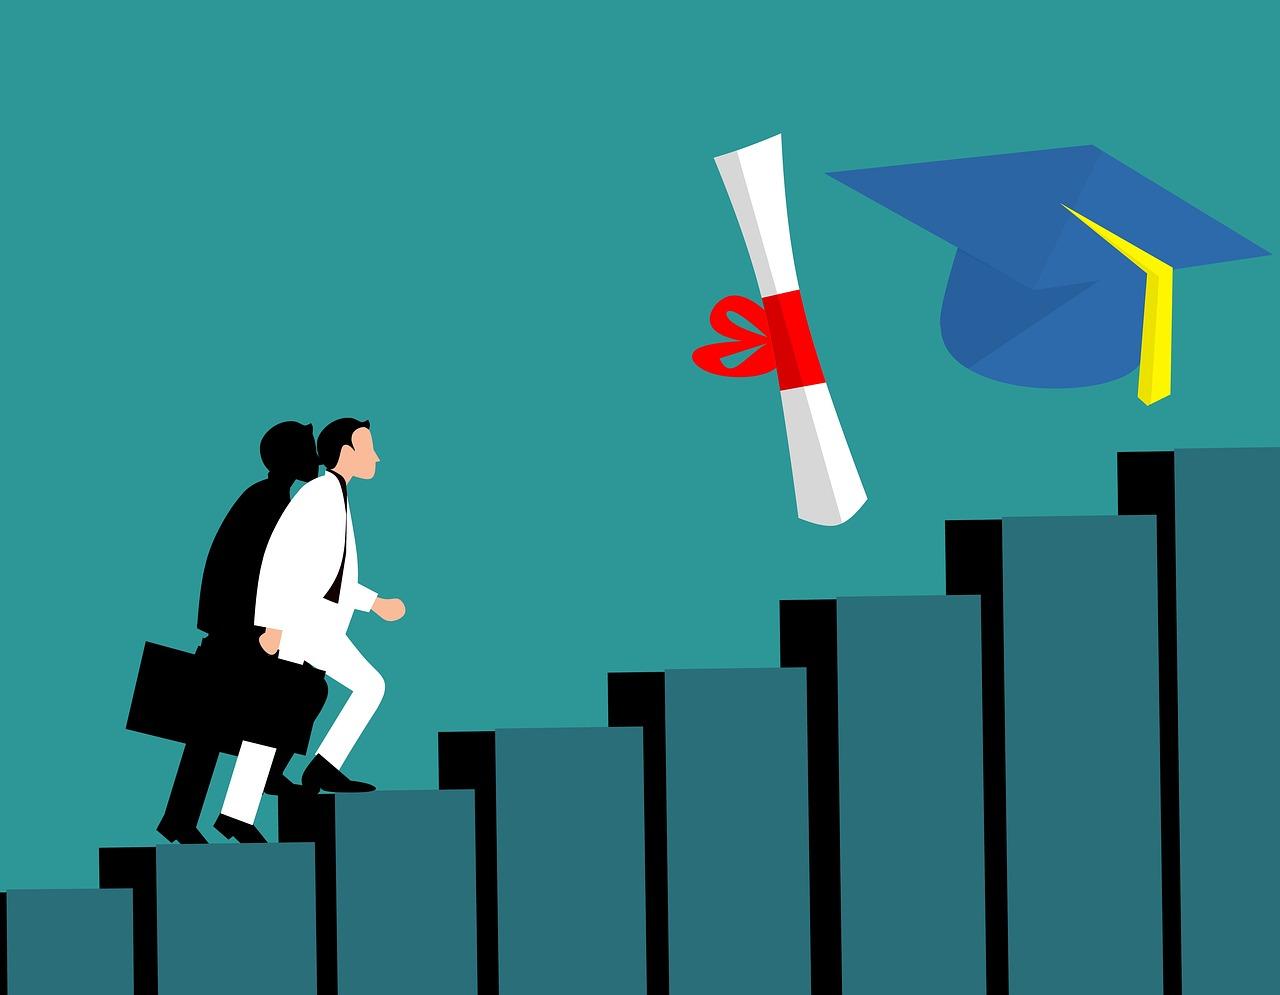 おすすめの英語資格4つ|難易度やレベル、試験内容と就職・進学に与える影響は?